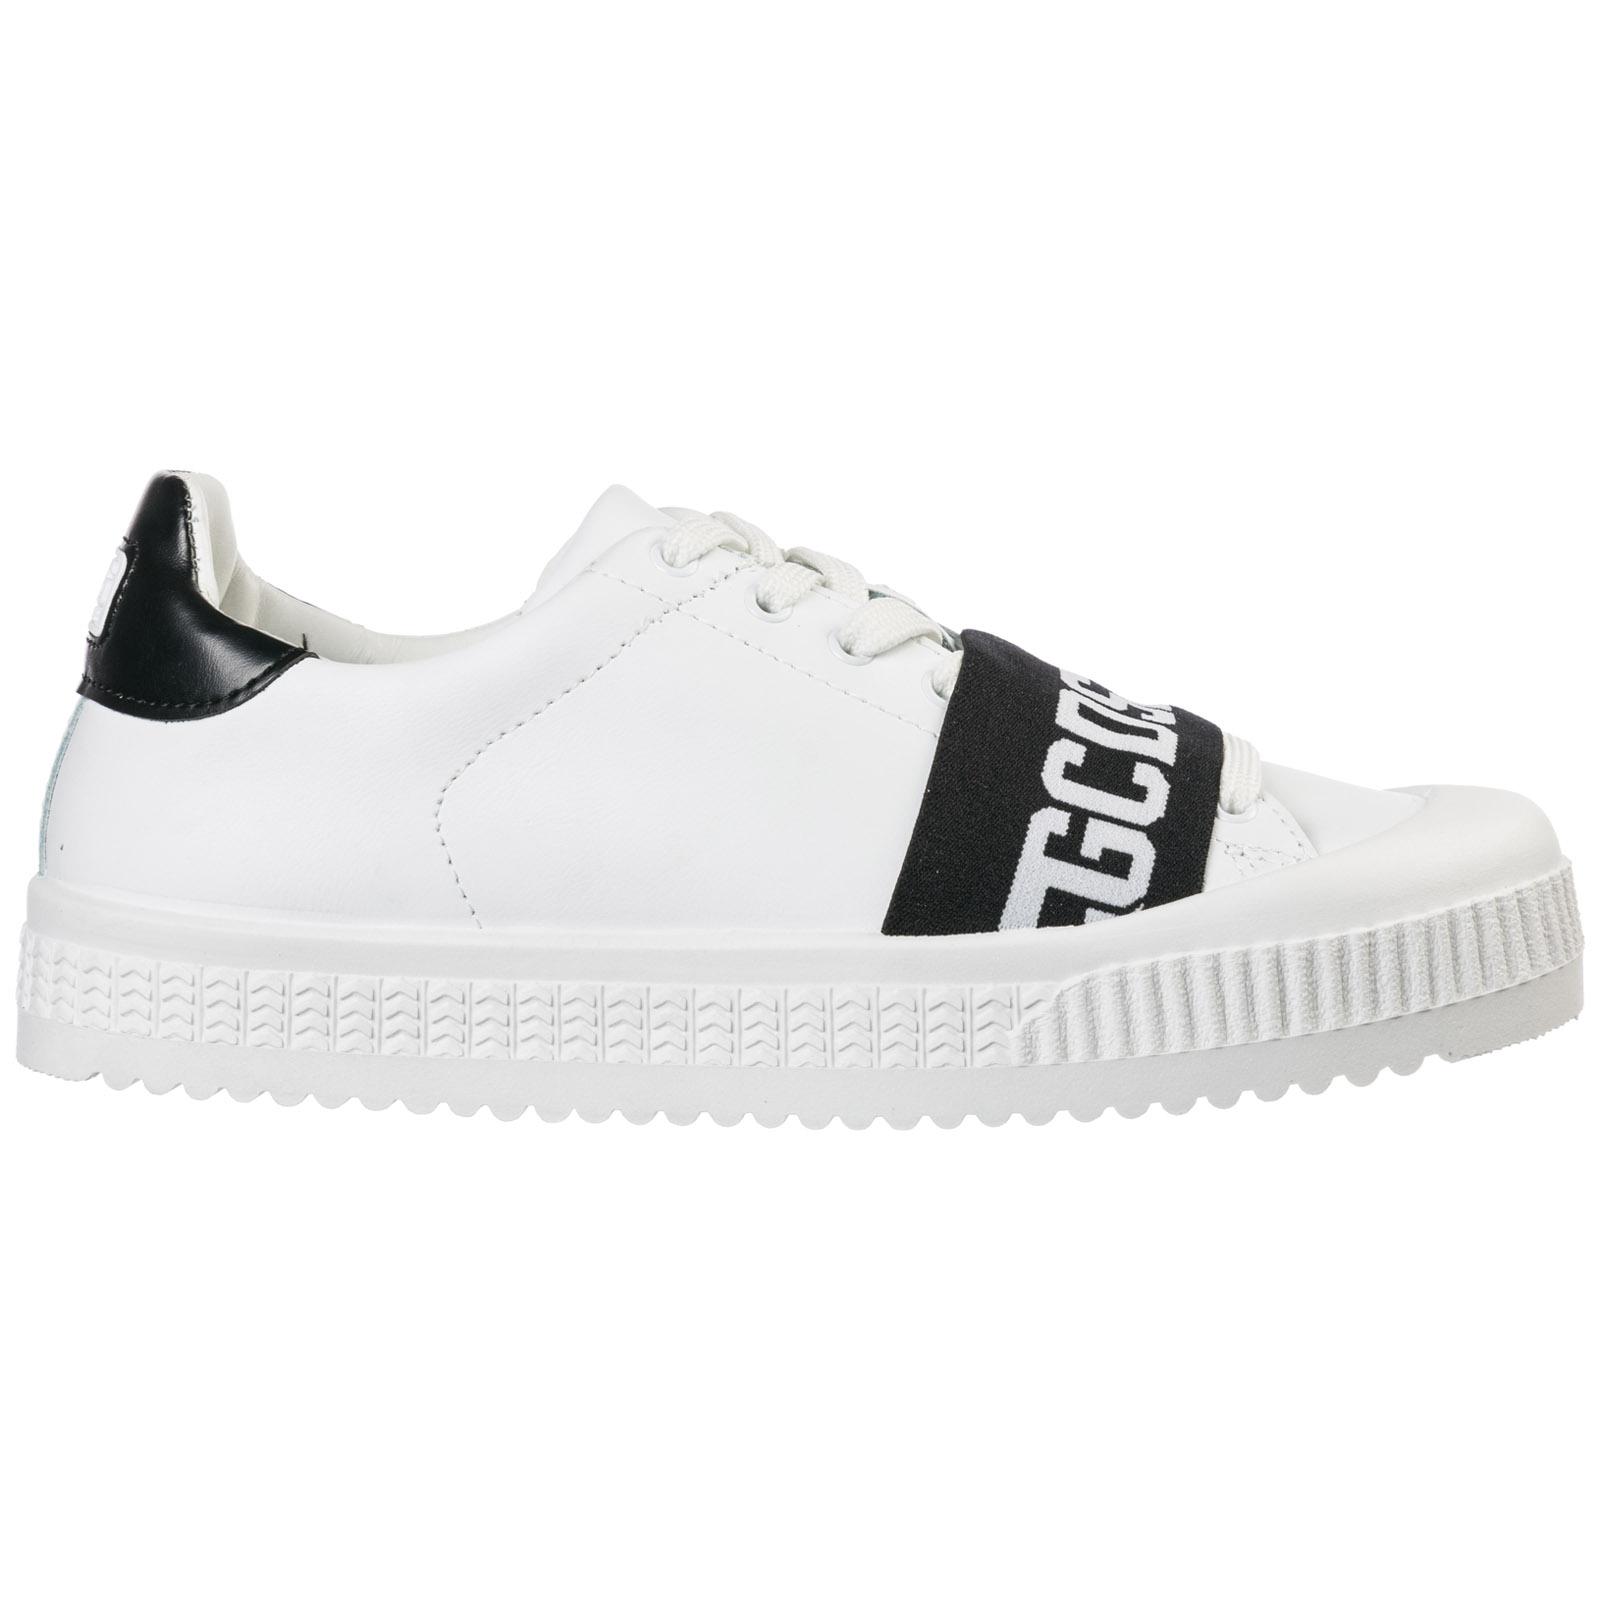 sito affidabile 6b1de 0083d Scarpe sneakers uomo in pelle